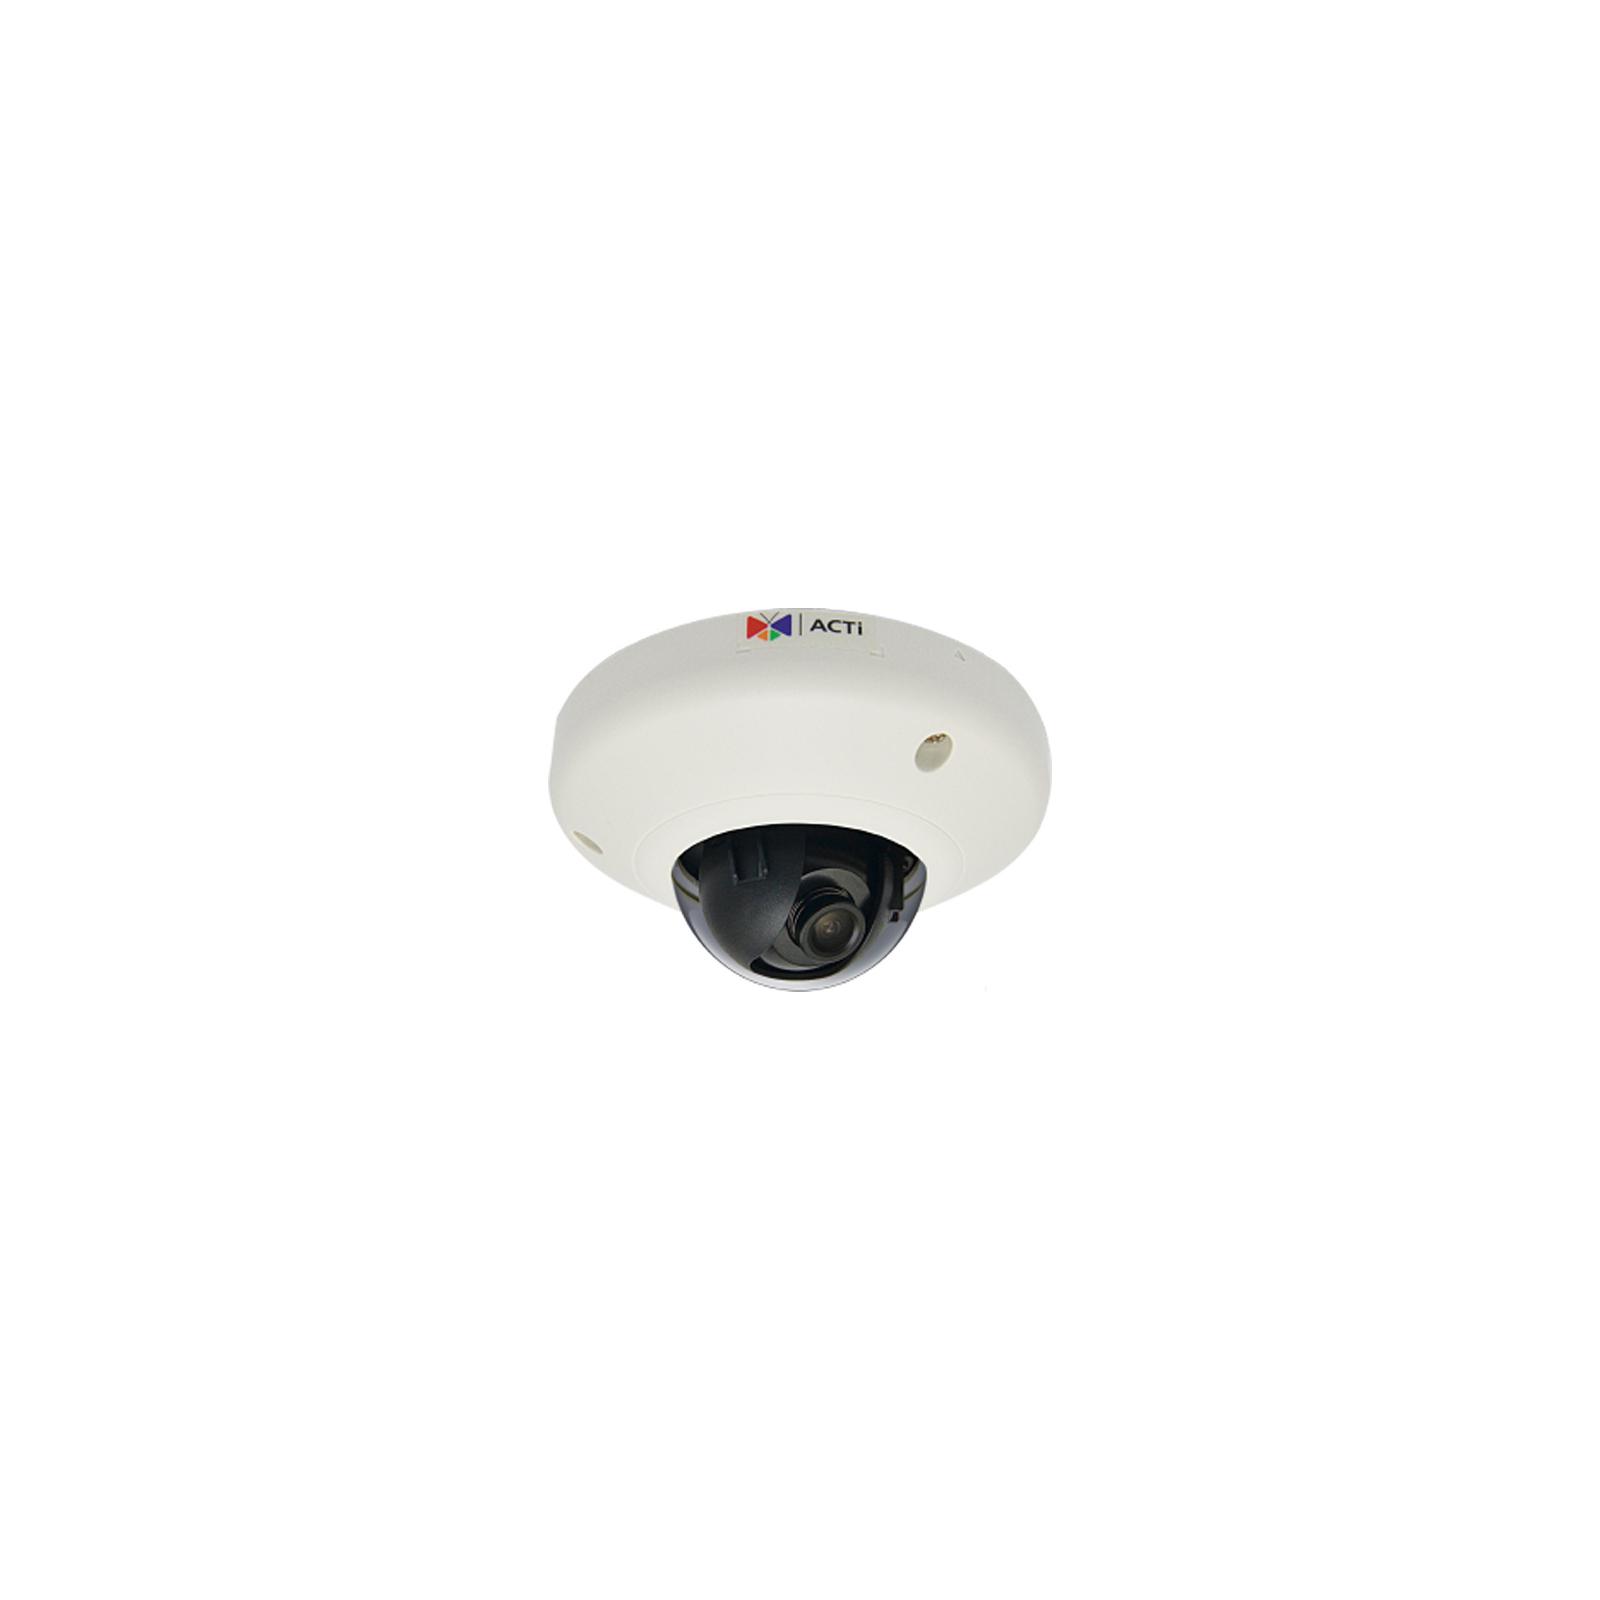 Камера видеонаблюдения ACTi E913